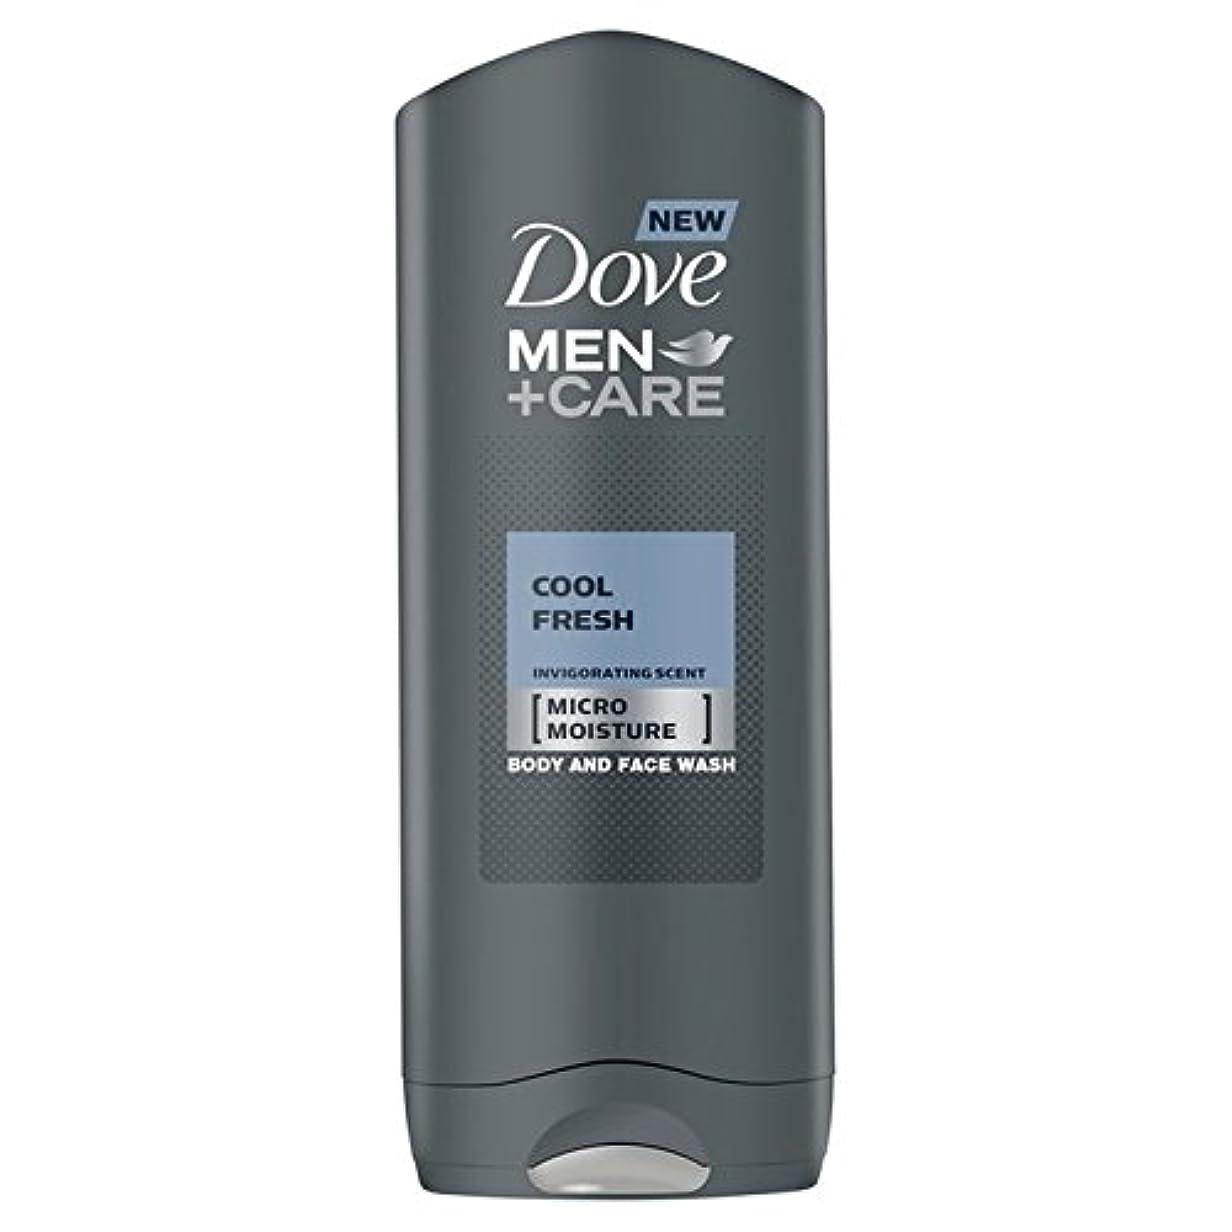 残り物爵海軍Dove Men+Care Cool Fresh Shower Gel 400ml - クールフレッシュシャワージェル400ミリリットルケア+鳩の男性 [並行輸入品]